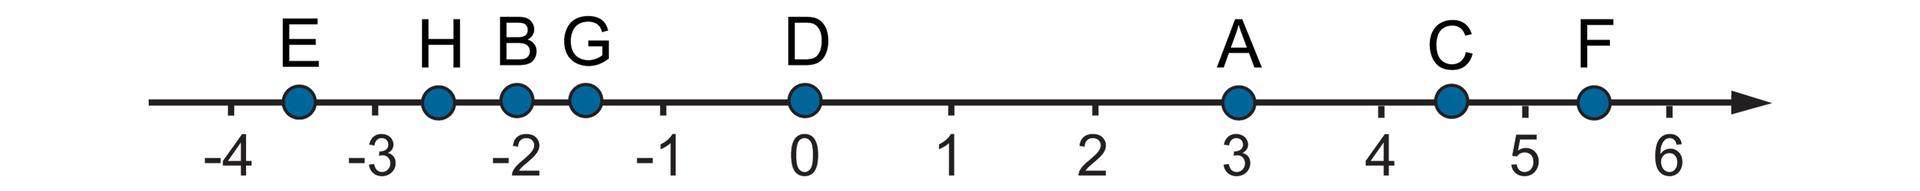 Rysunek osi liczbowej zzaznaczonymi punktami od -4 do 6. Na osi zaznaczone punkty A, B, C, D, E, F, G, Howspółrzędnych: A=3, B=-2, C= cztery ijedna druga, D=0, E= minus trzy ijedna druga, F= pięć ijedna druga, G= minus jeden ijedna druga, H= minus dwa ijedna druga.